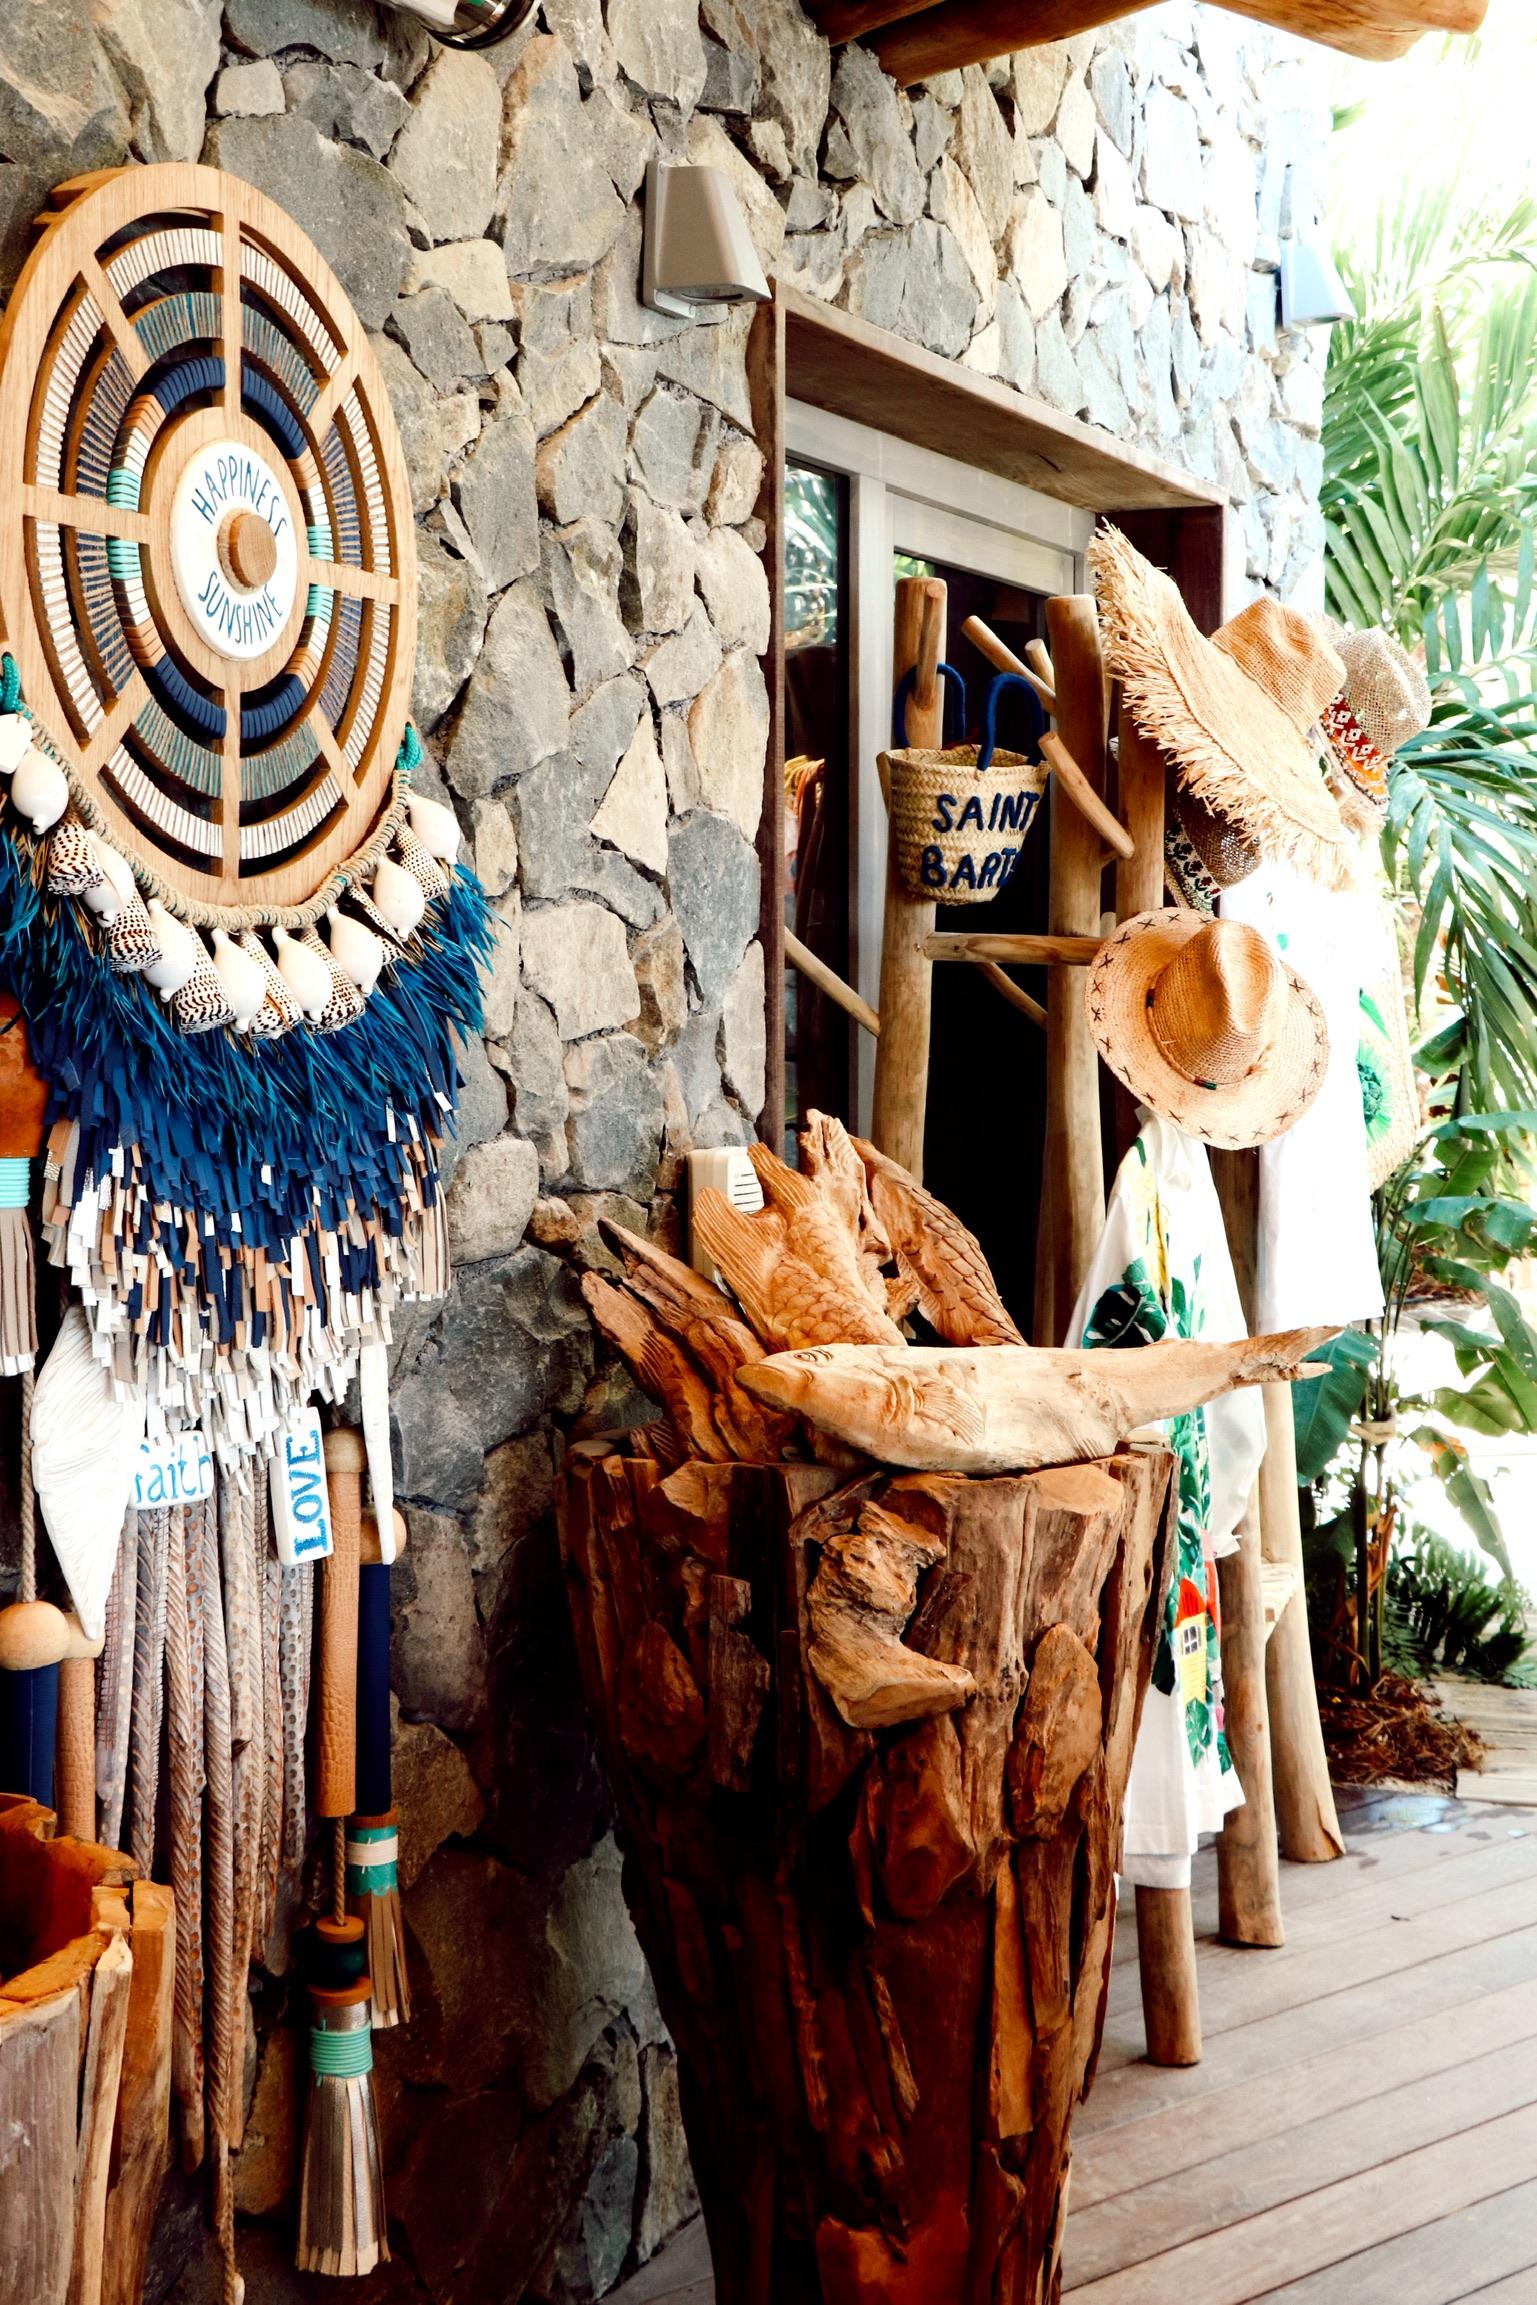 best shopping in saint barth at the Gyp SEA beach club